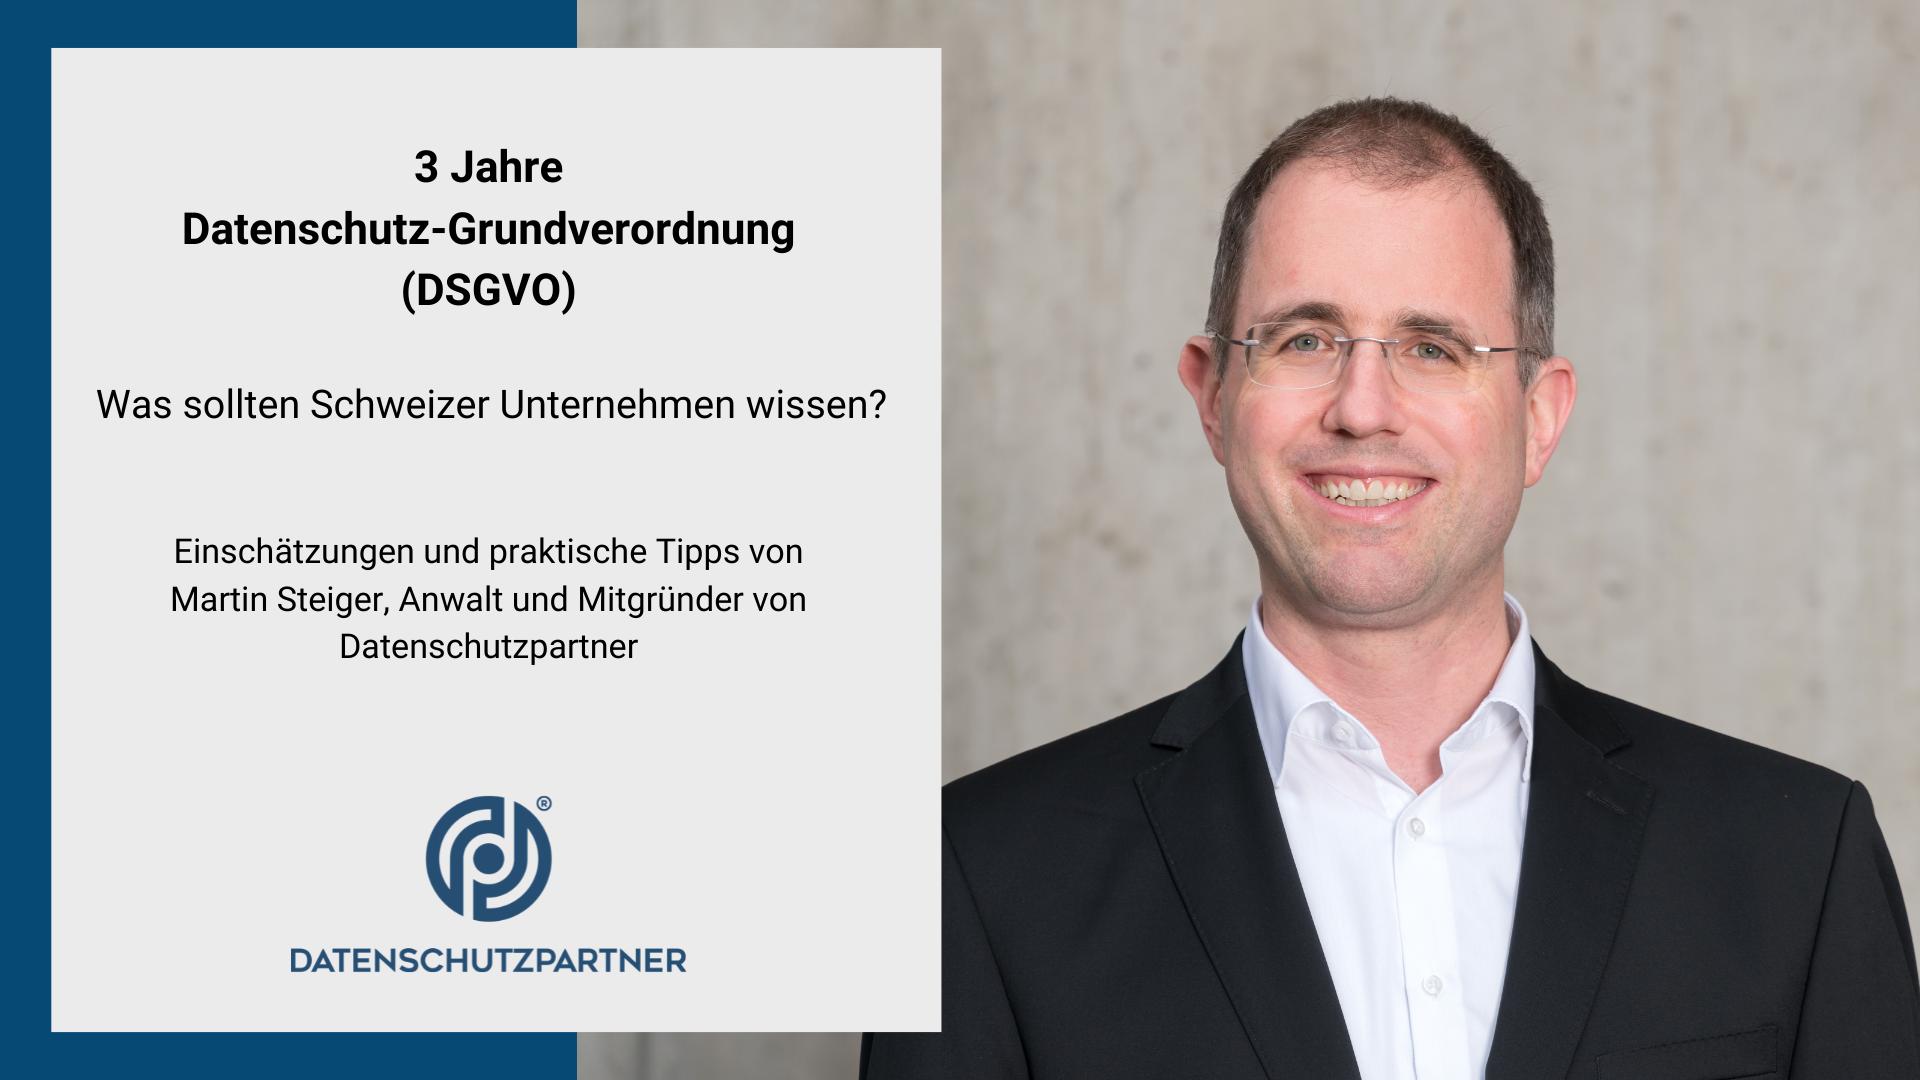 Titelbild: Video-Interview mit Martin Steiger zu 3 Jahren Datenschutz-Grundverordnung (DSGVO)